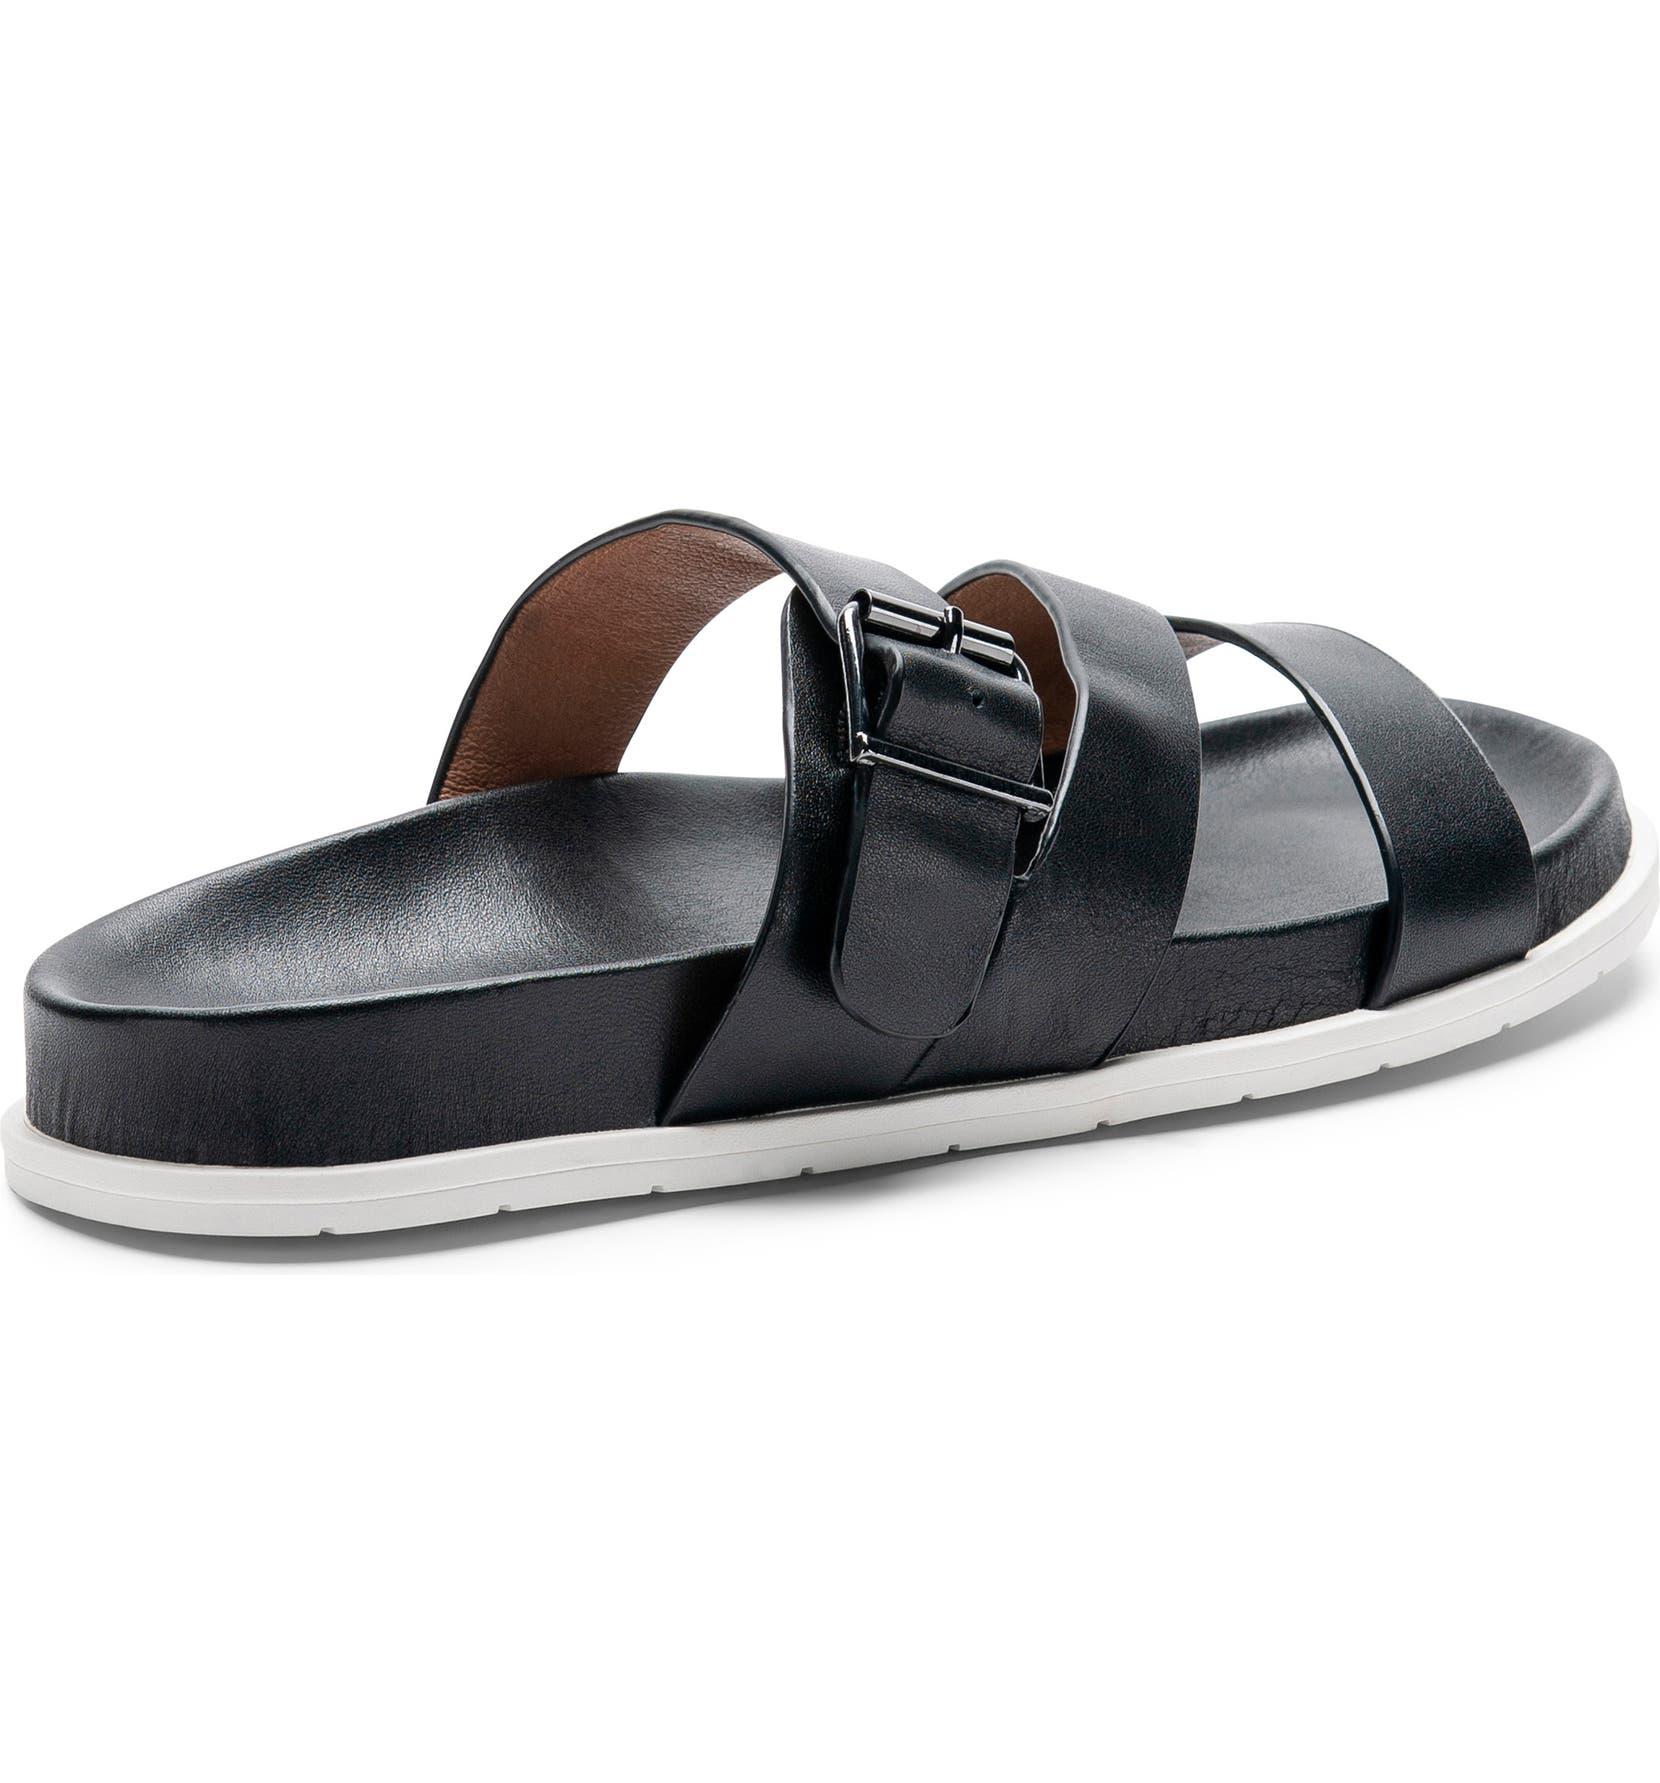 a52ce11674a7 Blondo Selma Waterproof Slide Sandal (Women)